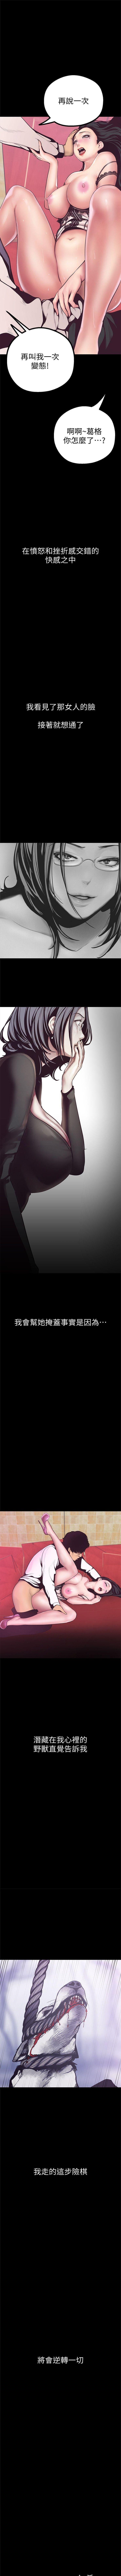 (周6)美丽新世界 1-61 中文翻译 (更新中) 72